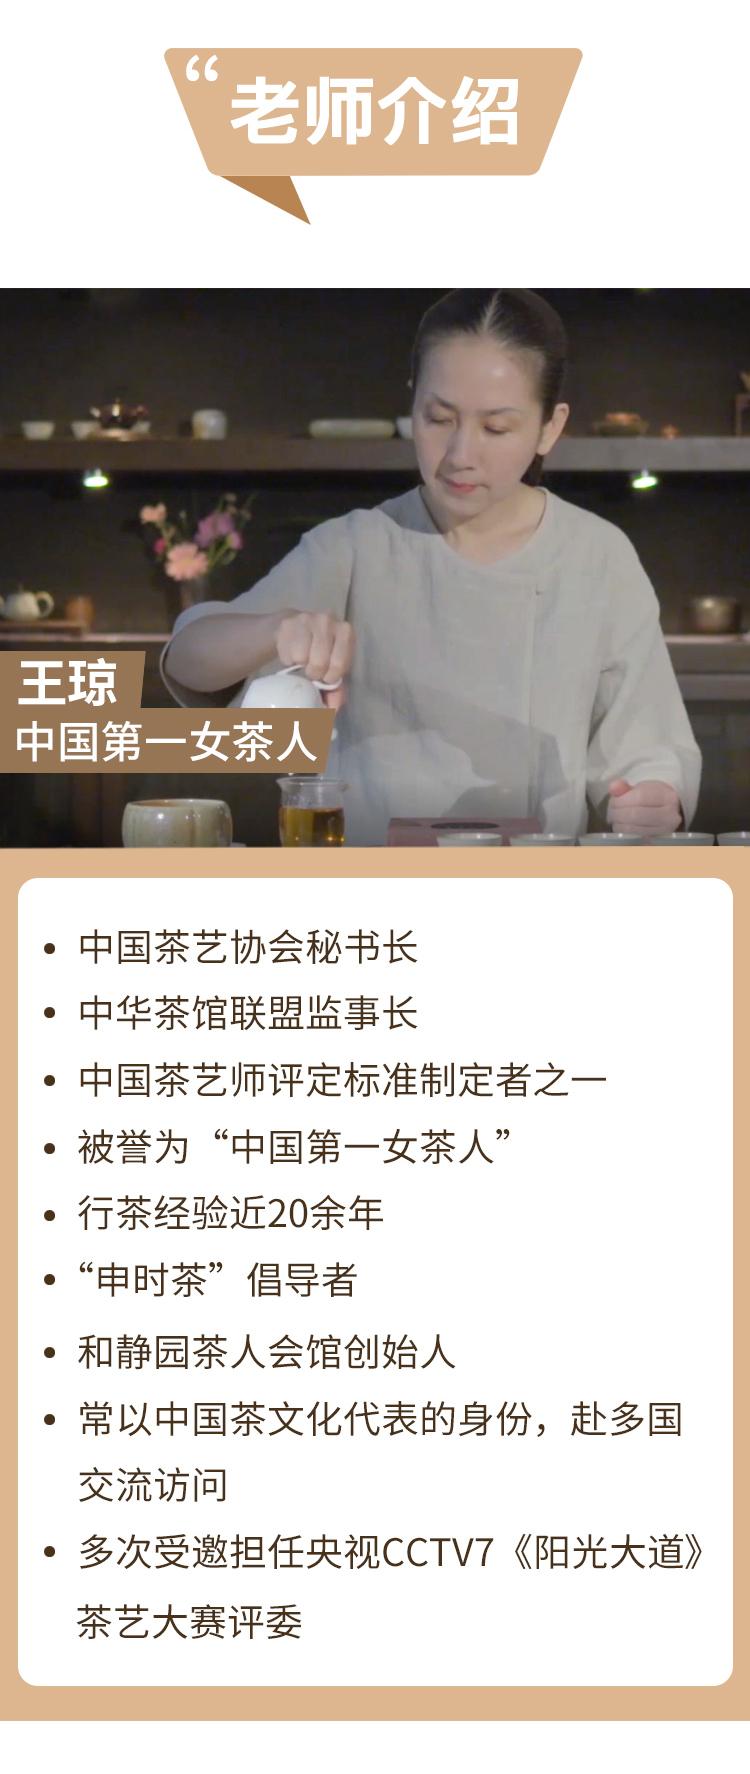 王琼优化-_04